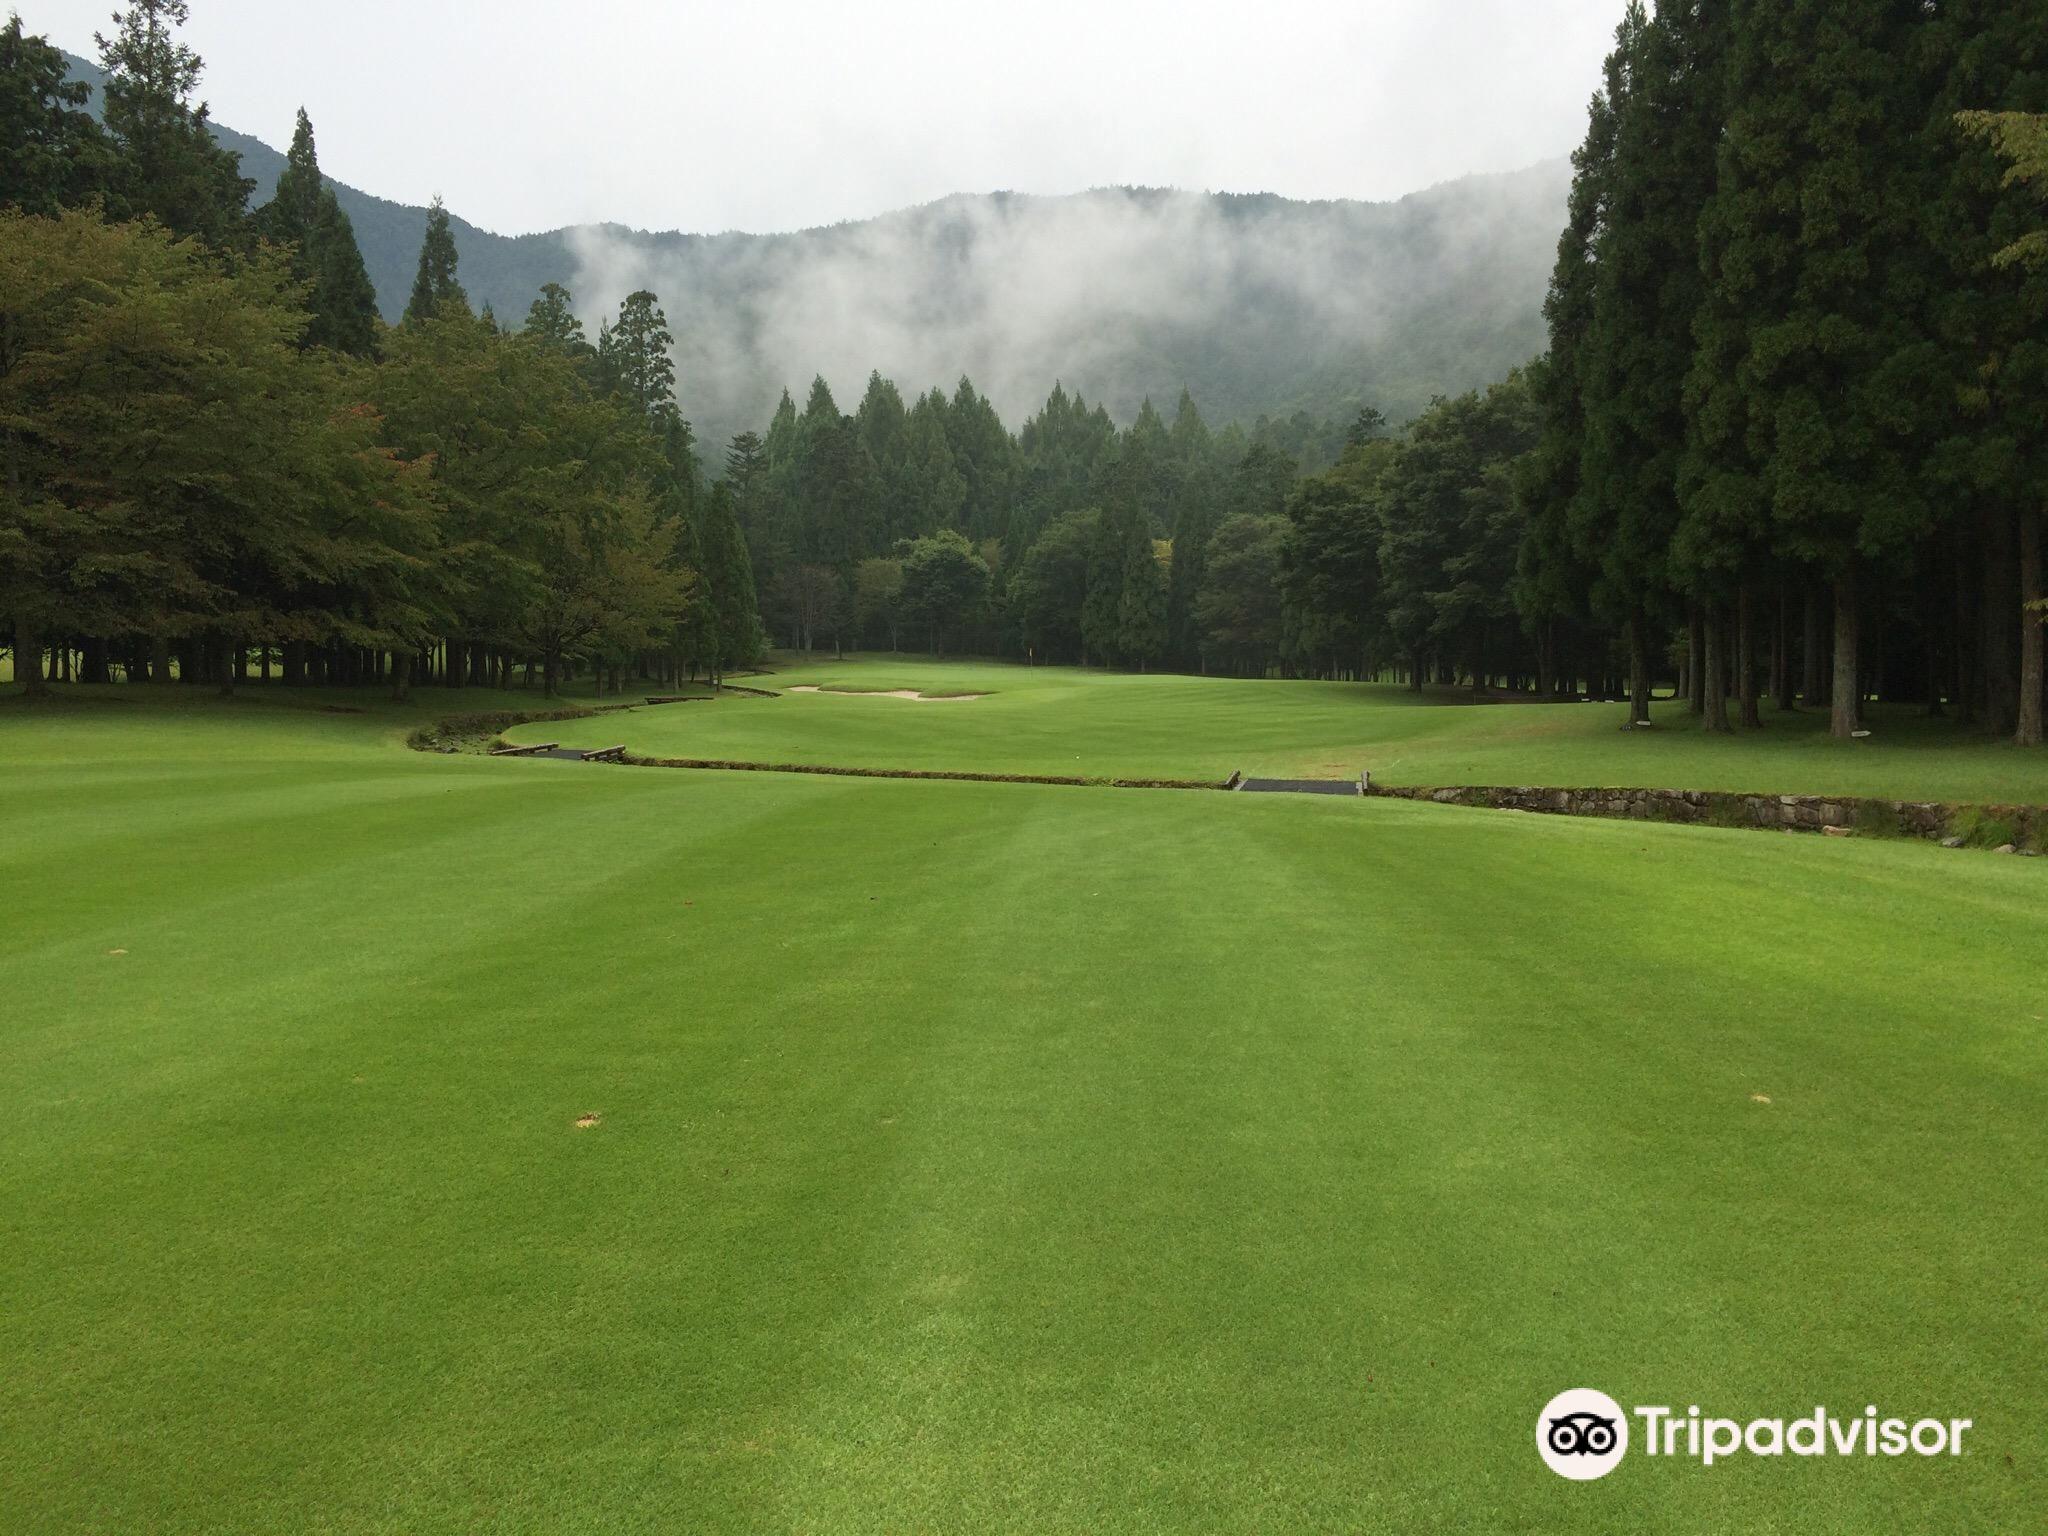 The Cypress Golf Club